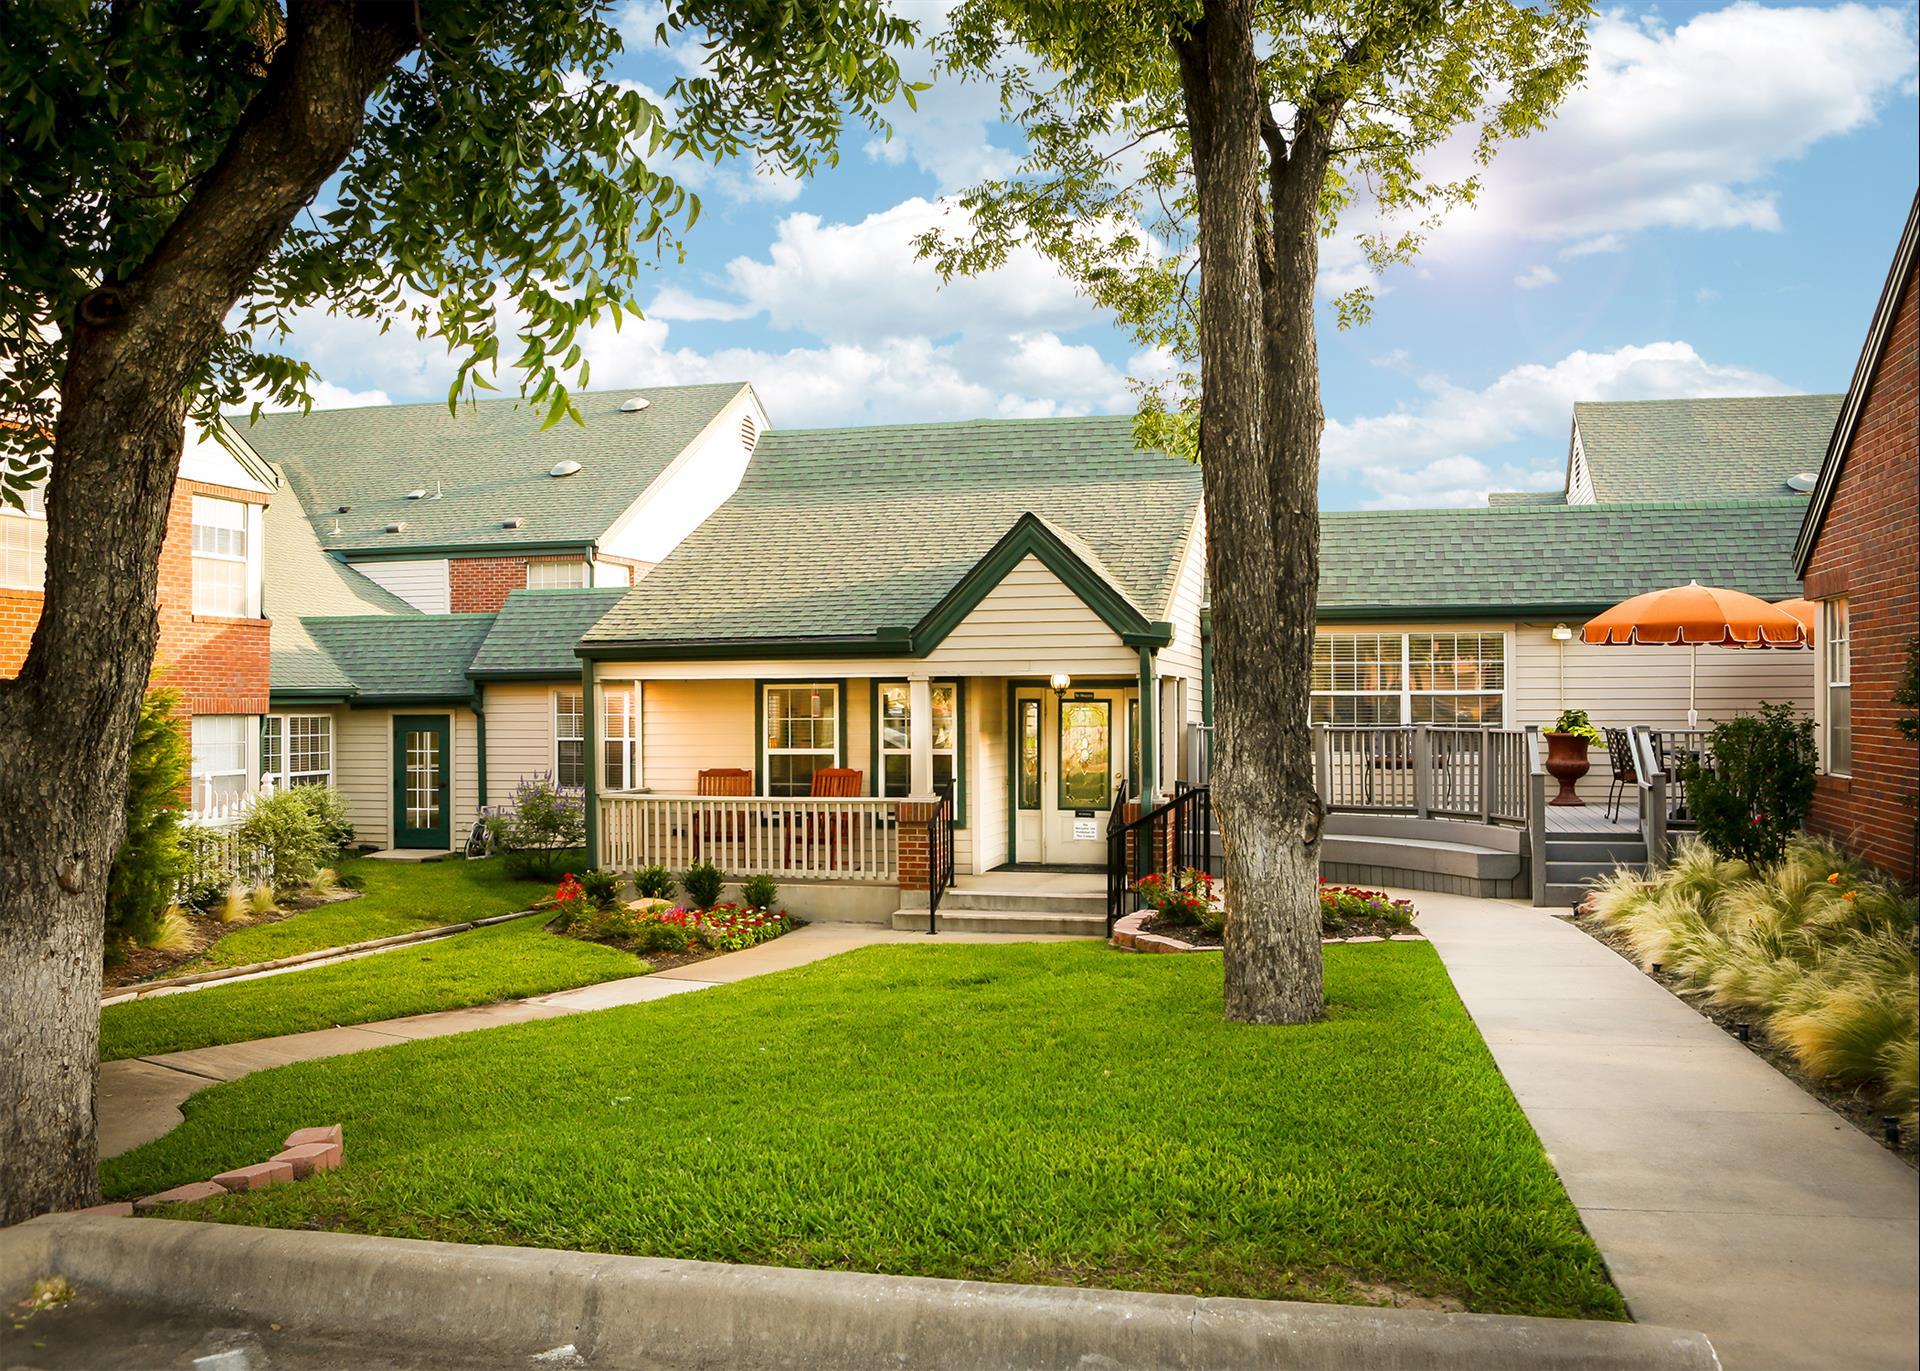 Bethesda gardens assisted living arlington arlington texas tx for Bethesda gardens assisted living